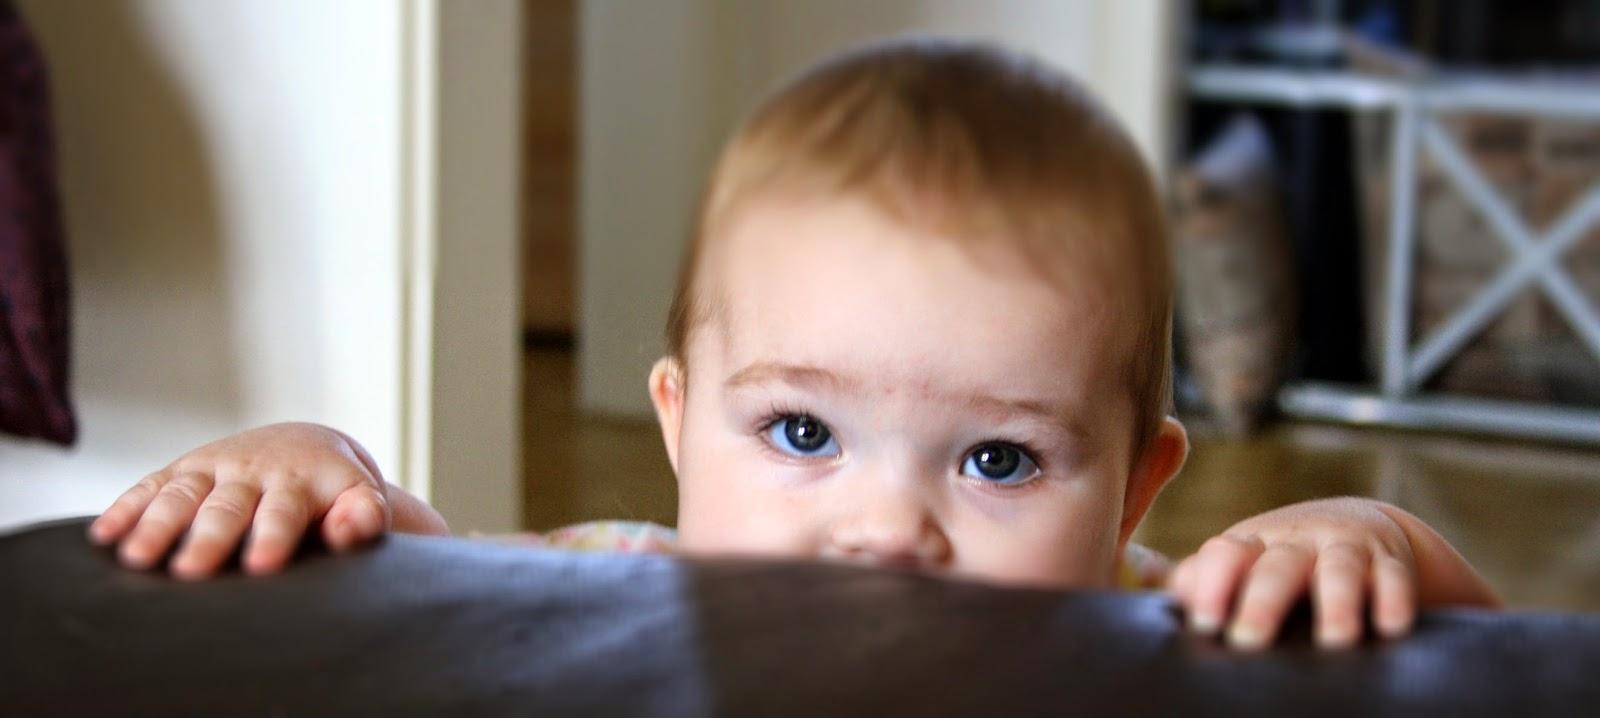 Mommys Glück meckern Wasser Nebenwirkungen